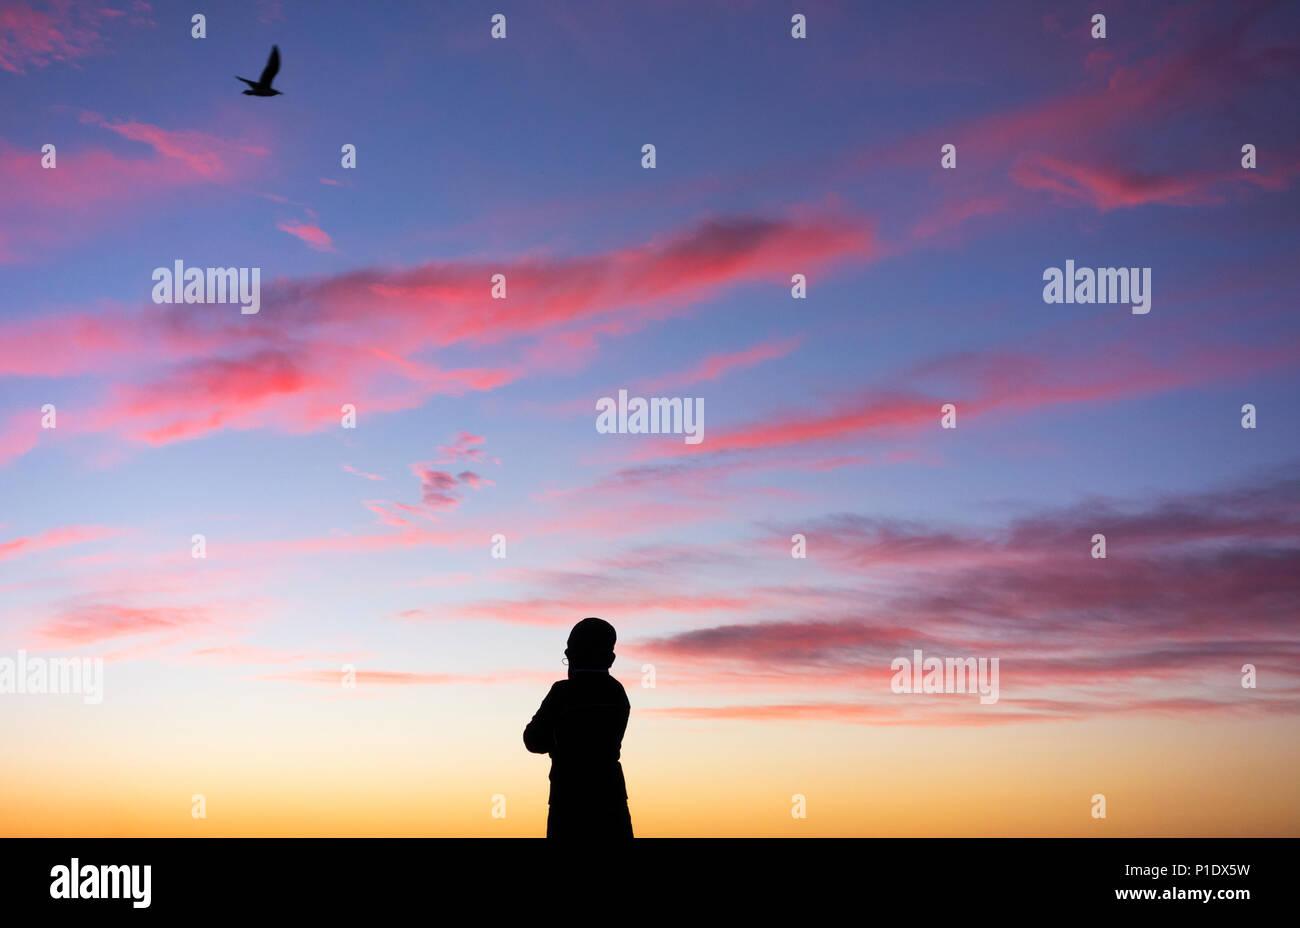 Vista trasera de la mujer siluetas contra colorido atardecer como pájaro vuela gastos indirectos: la salud mental, la depresión femenina, imagen concepto pensar en positivo... Imagen De Stock